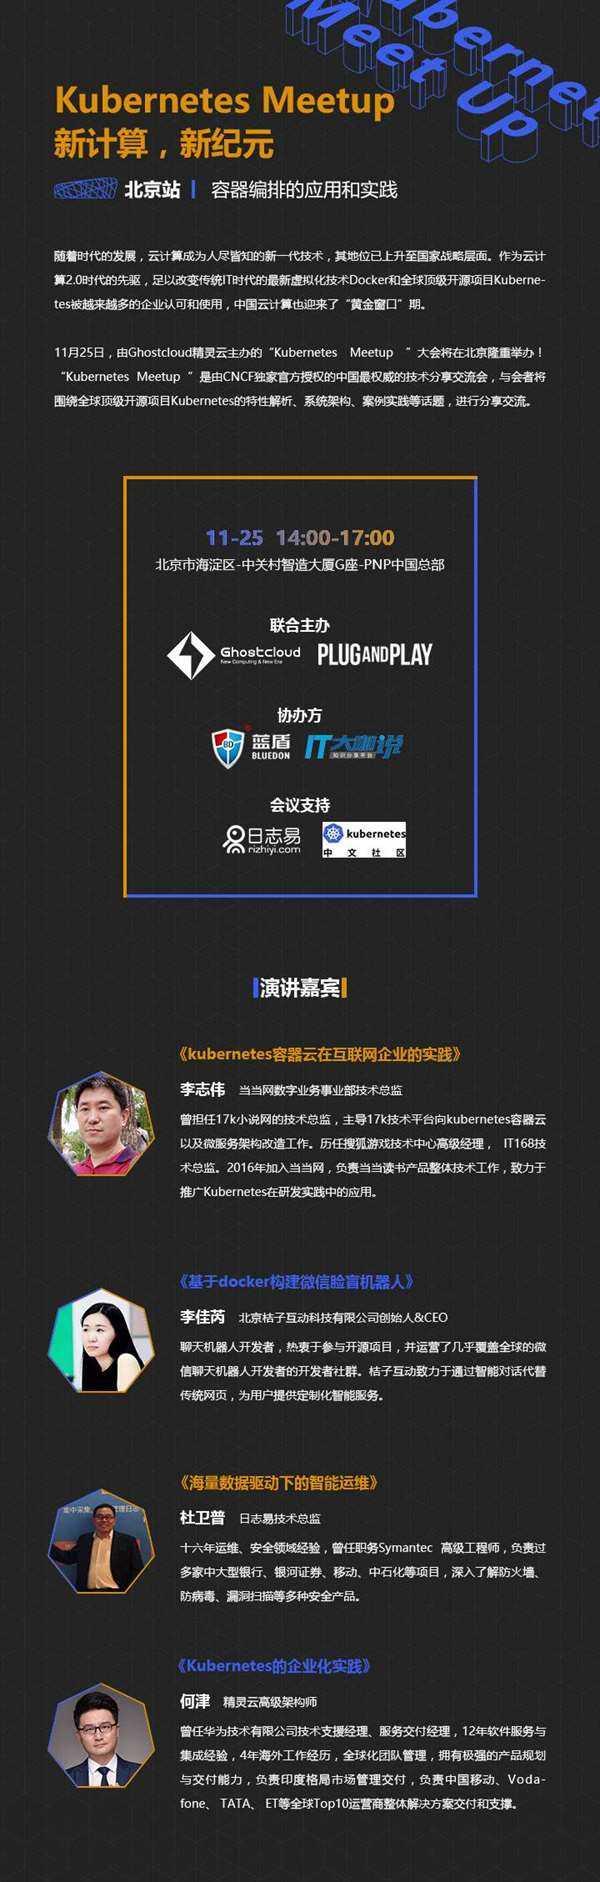 【11月25日】新计算,新纪元 | Kubernetes Meetup 北京!北京!